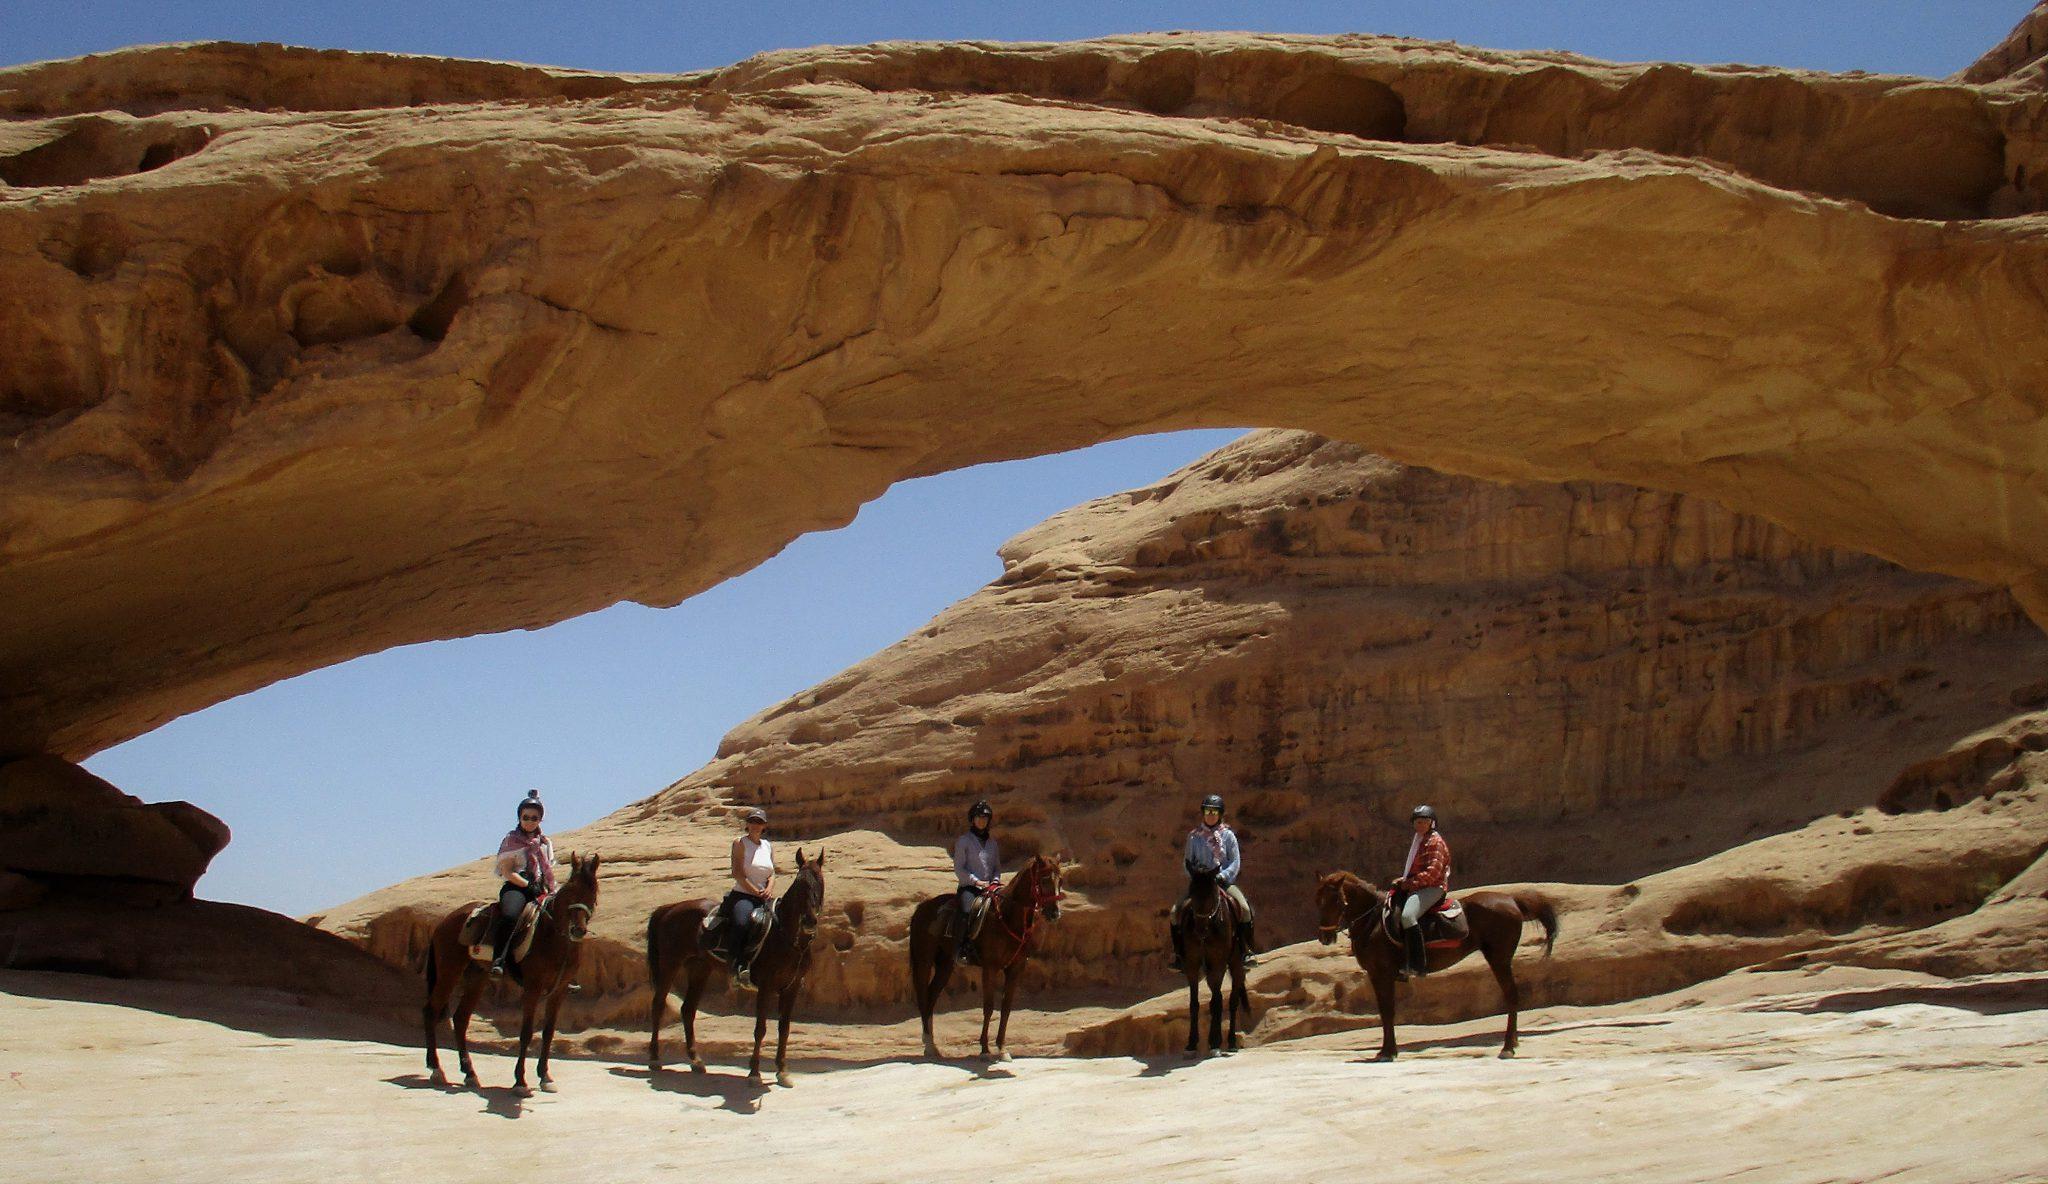 Paarden in de woestijn in Jordanië